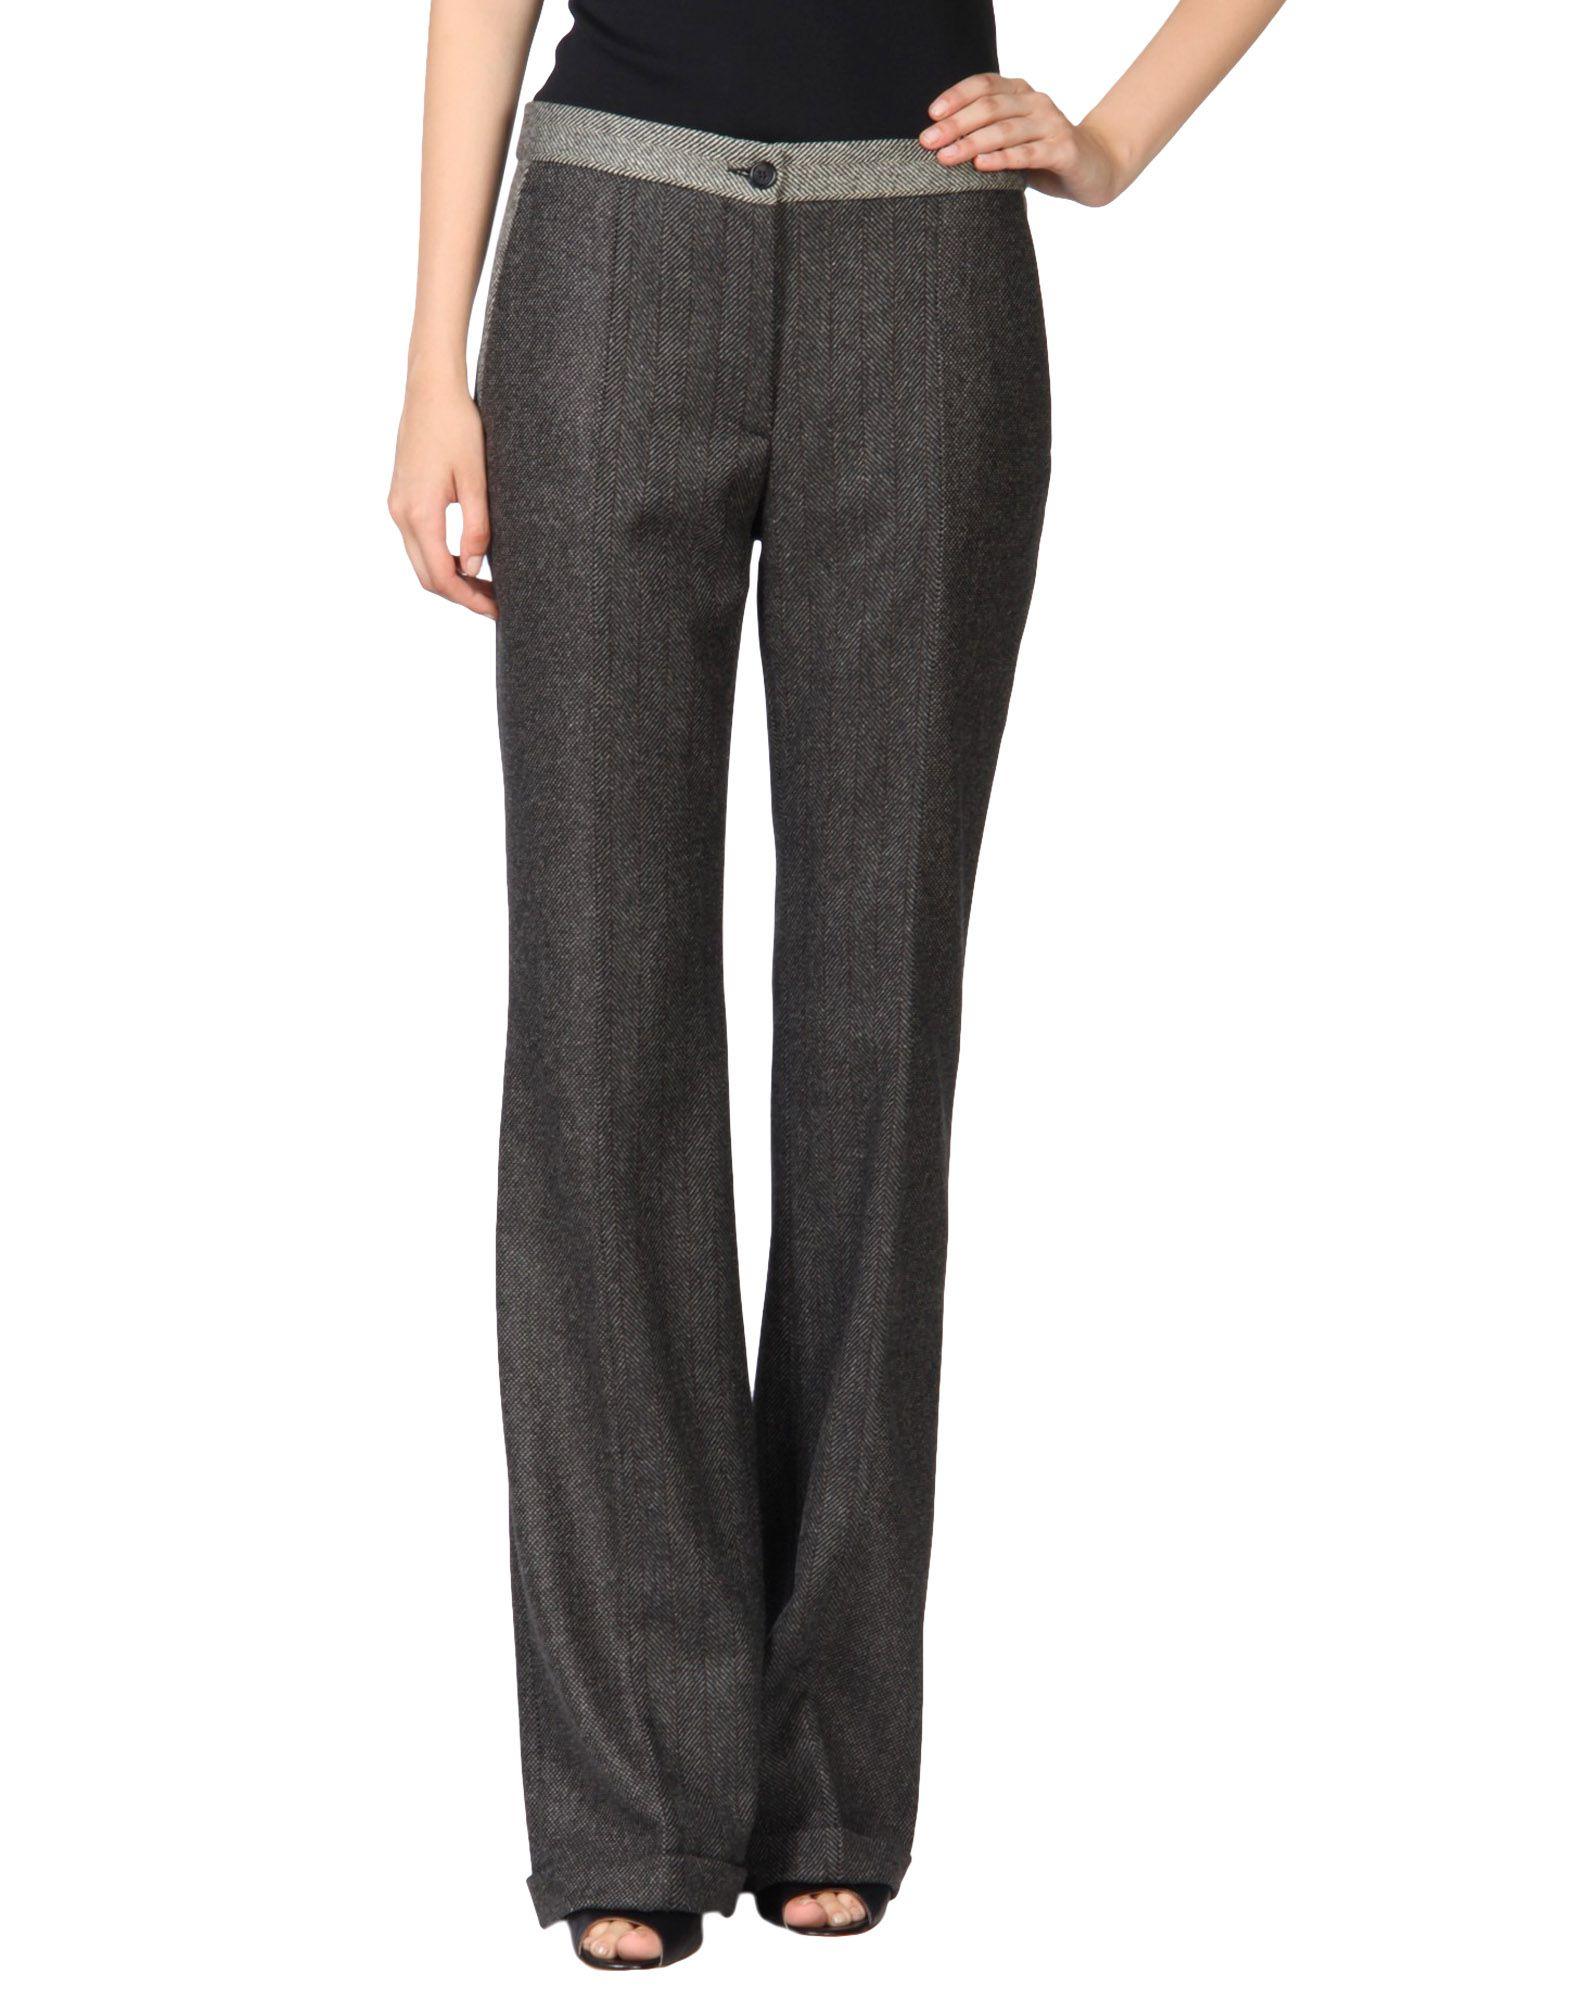 Pantalone Classico Moschino Donna - Acquista online su T4HKS6P1